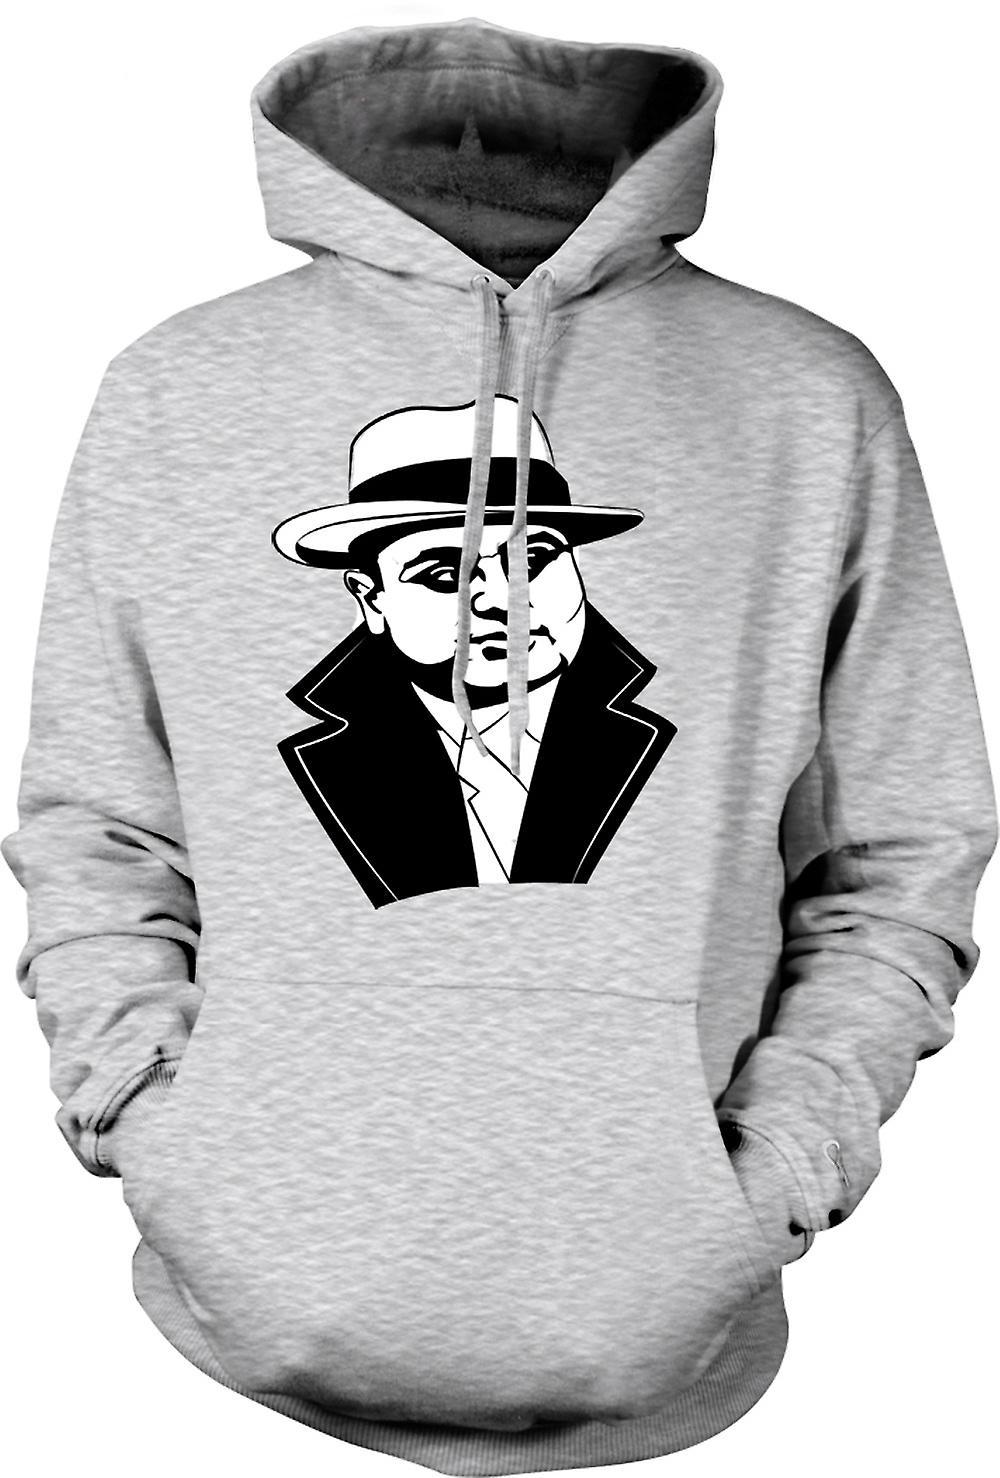 Mens Hoodie - Al Capone - Gangster